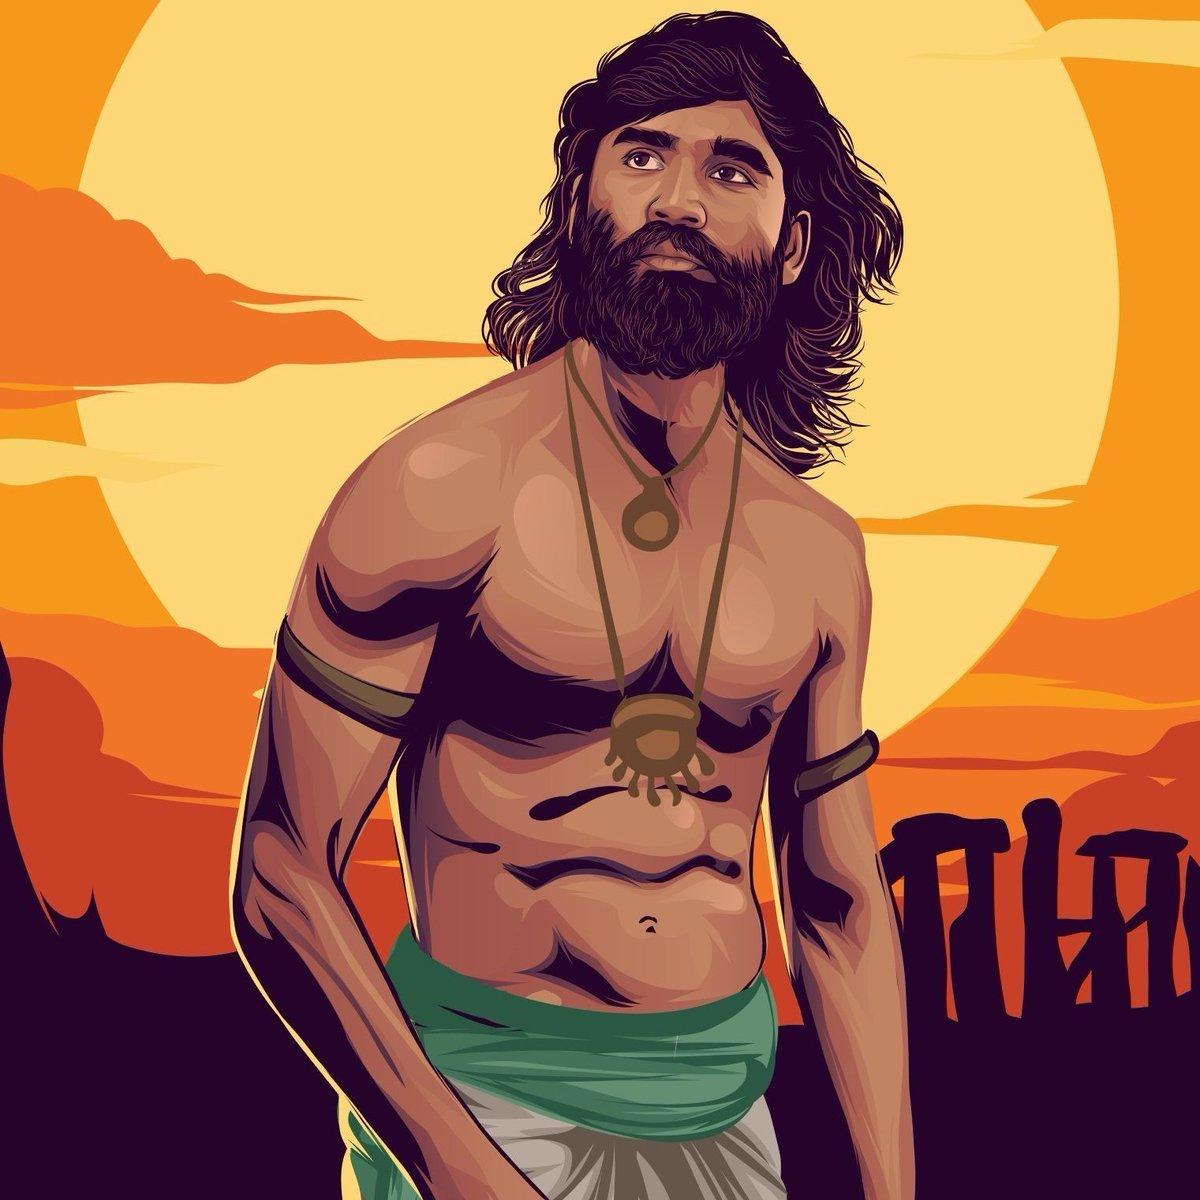 @dhanushkraja Thalaivaaaaaaa 🤩  #AayirathilOruvan2 #AO2 #DhanushInAO2 @dhanushkraja @dhanushkraja